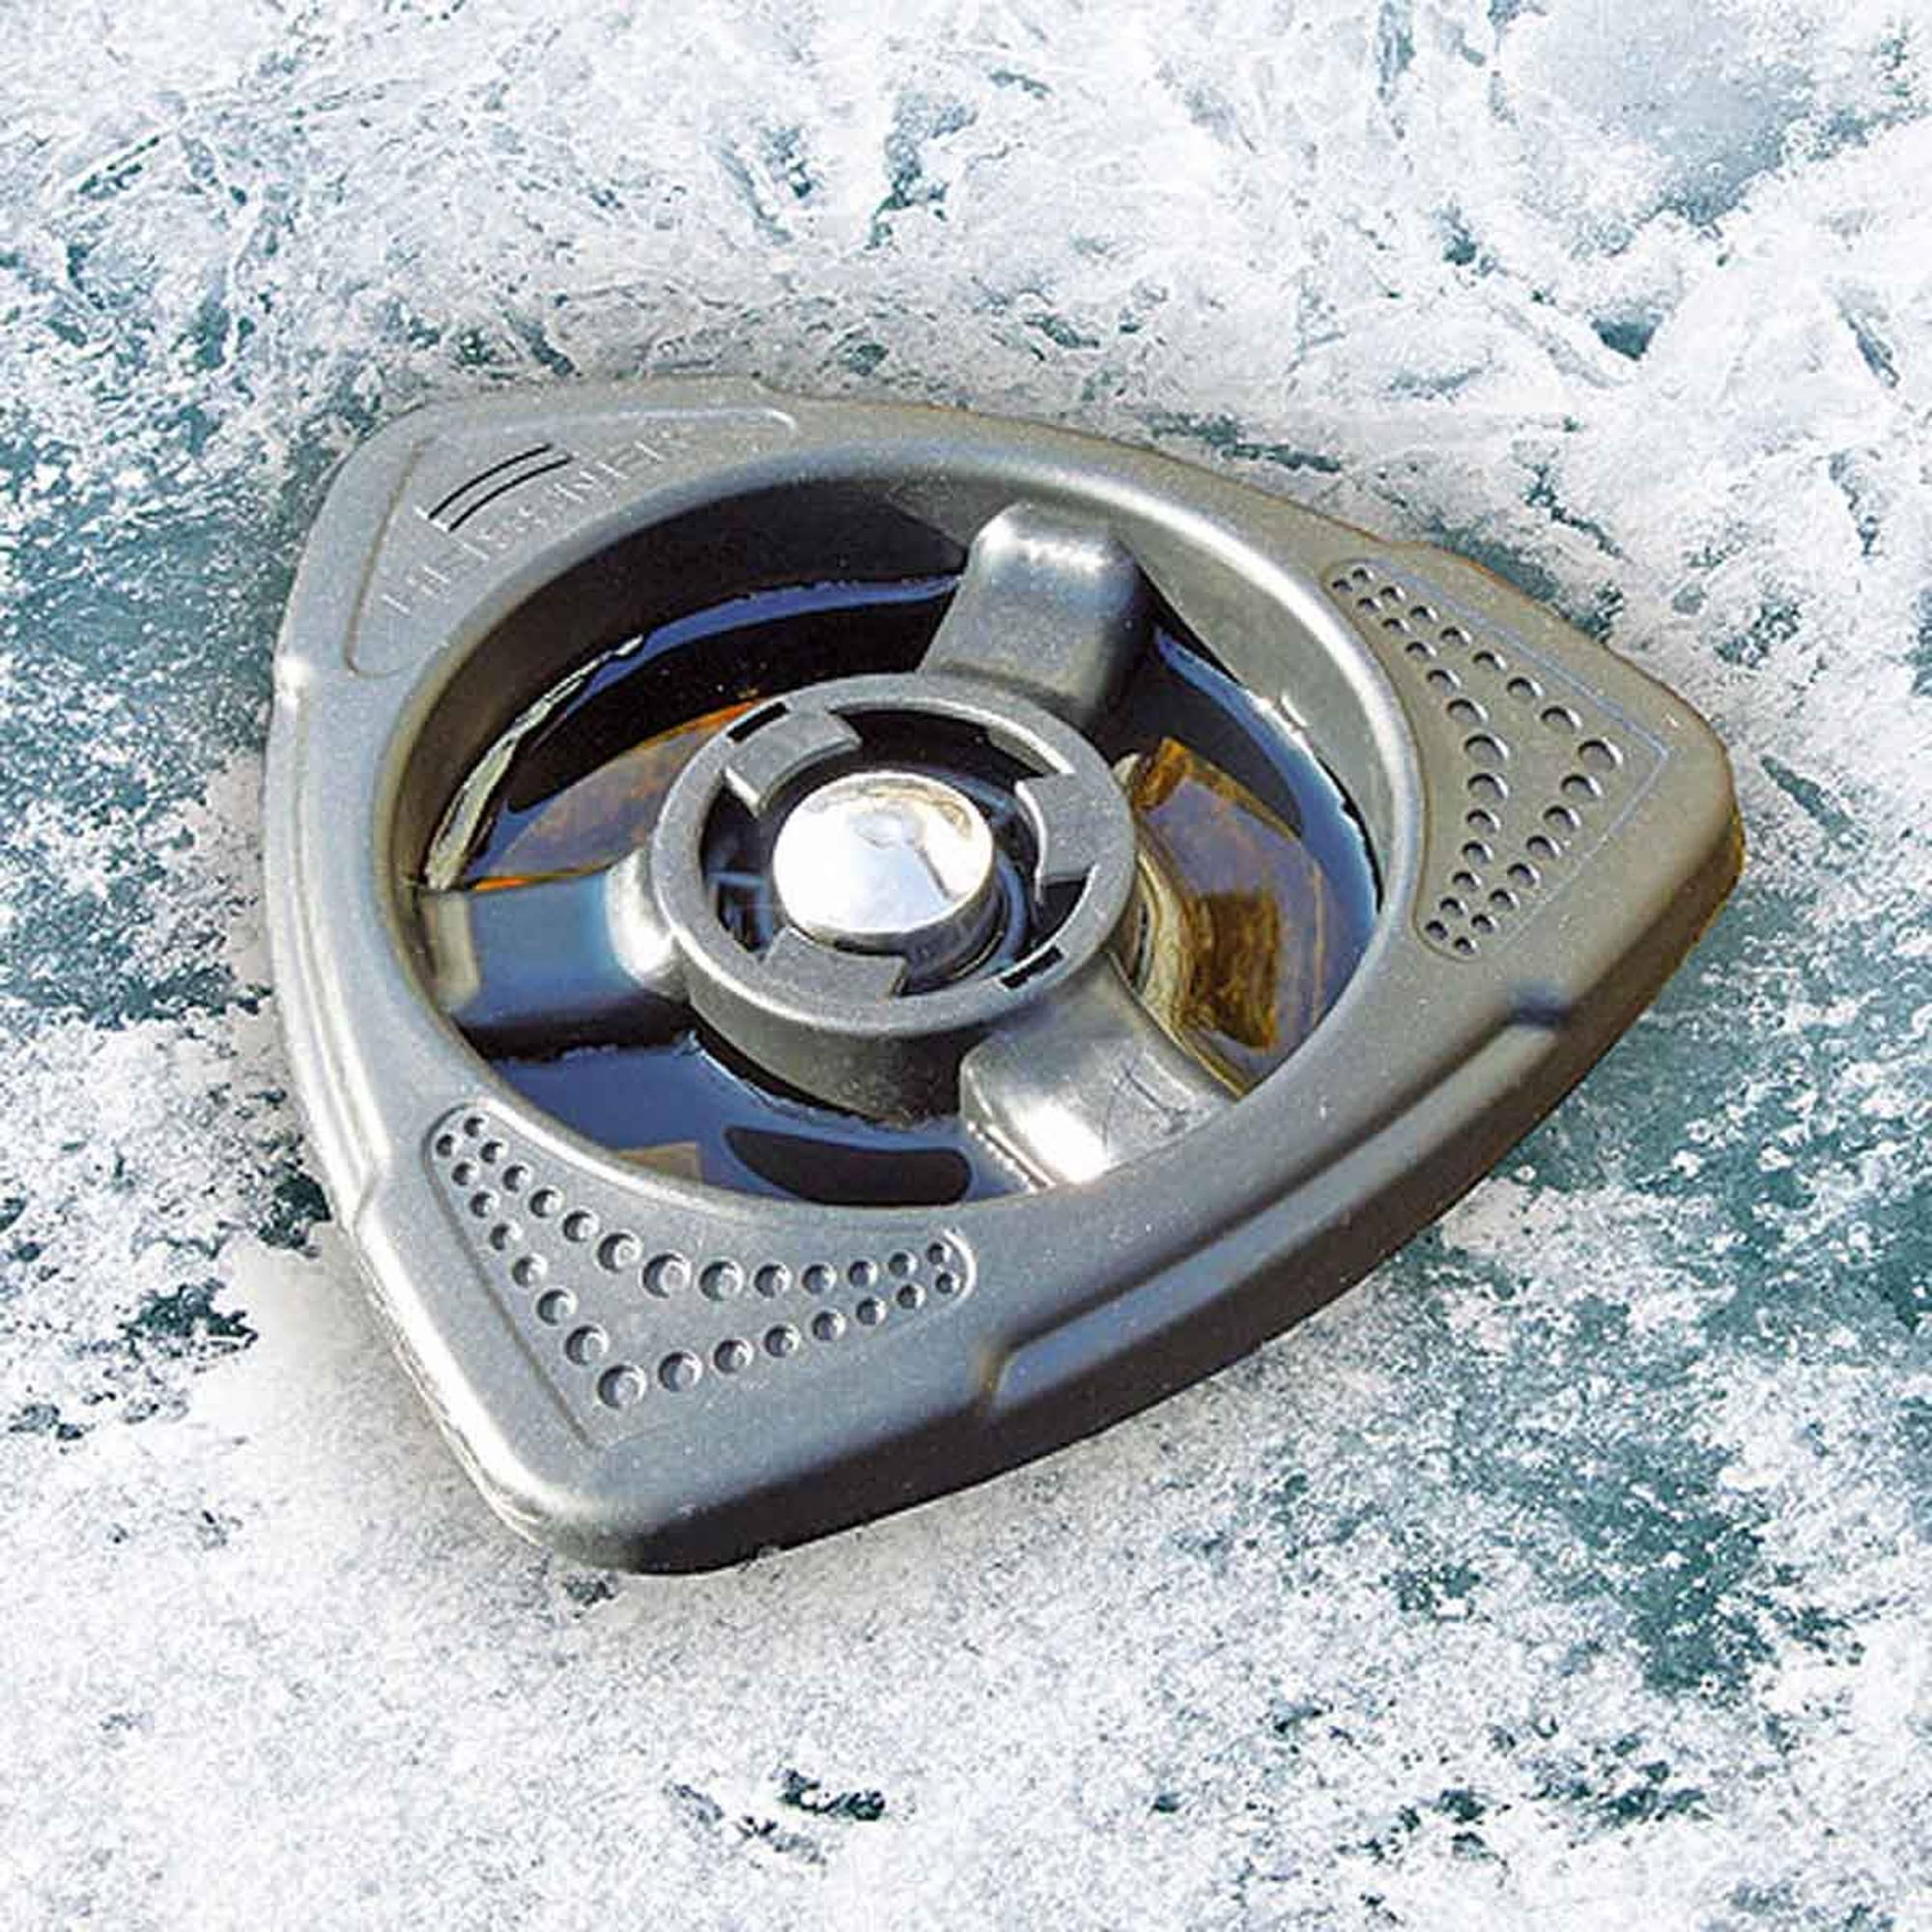 Teichheizer ECO mit Frostwächterfunktion von Heissner TZ570E 50W